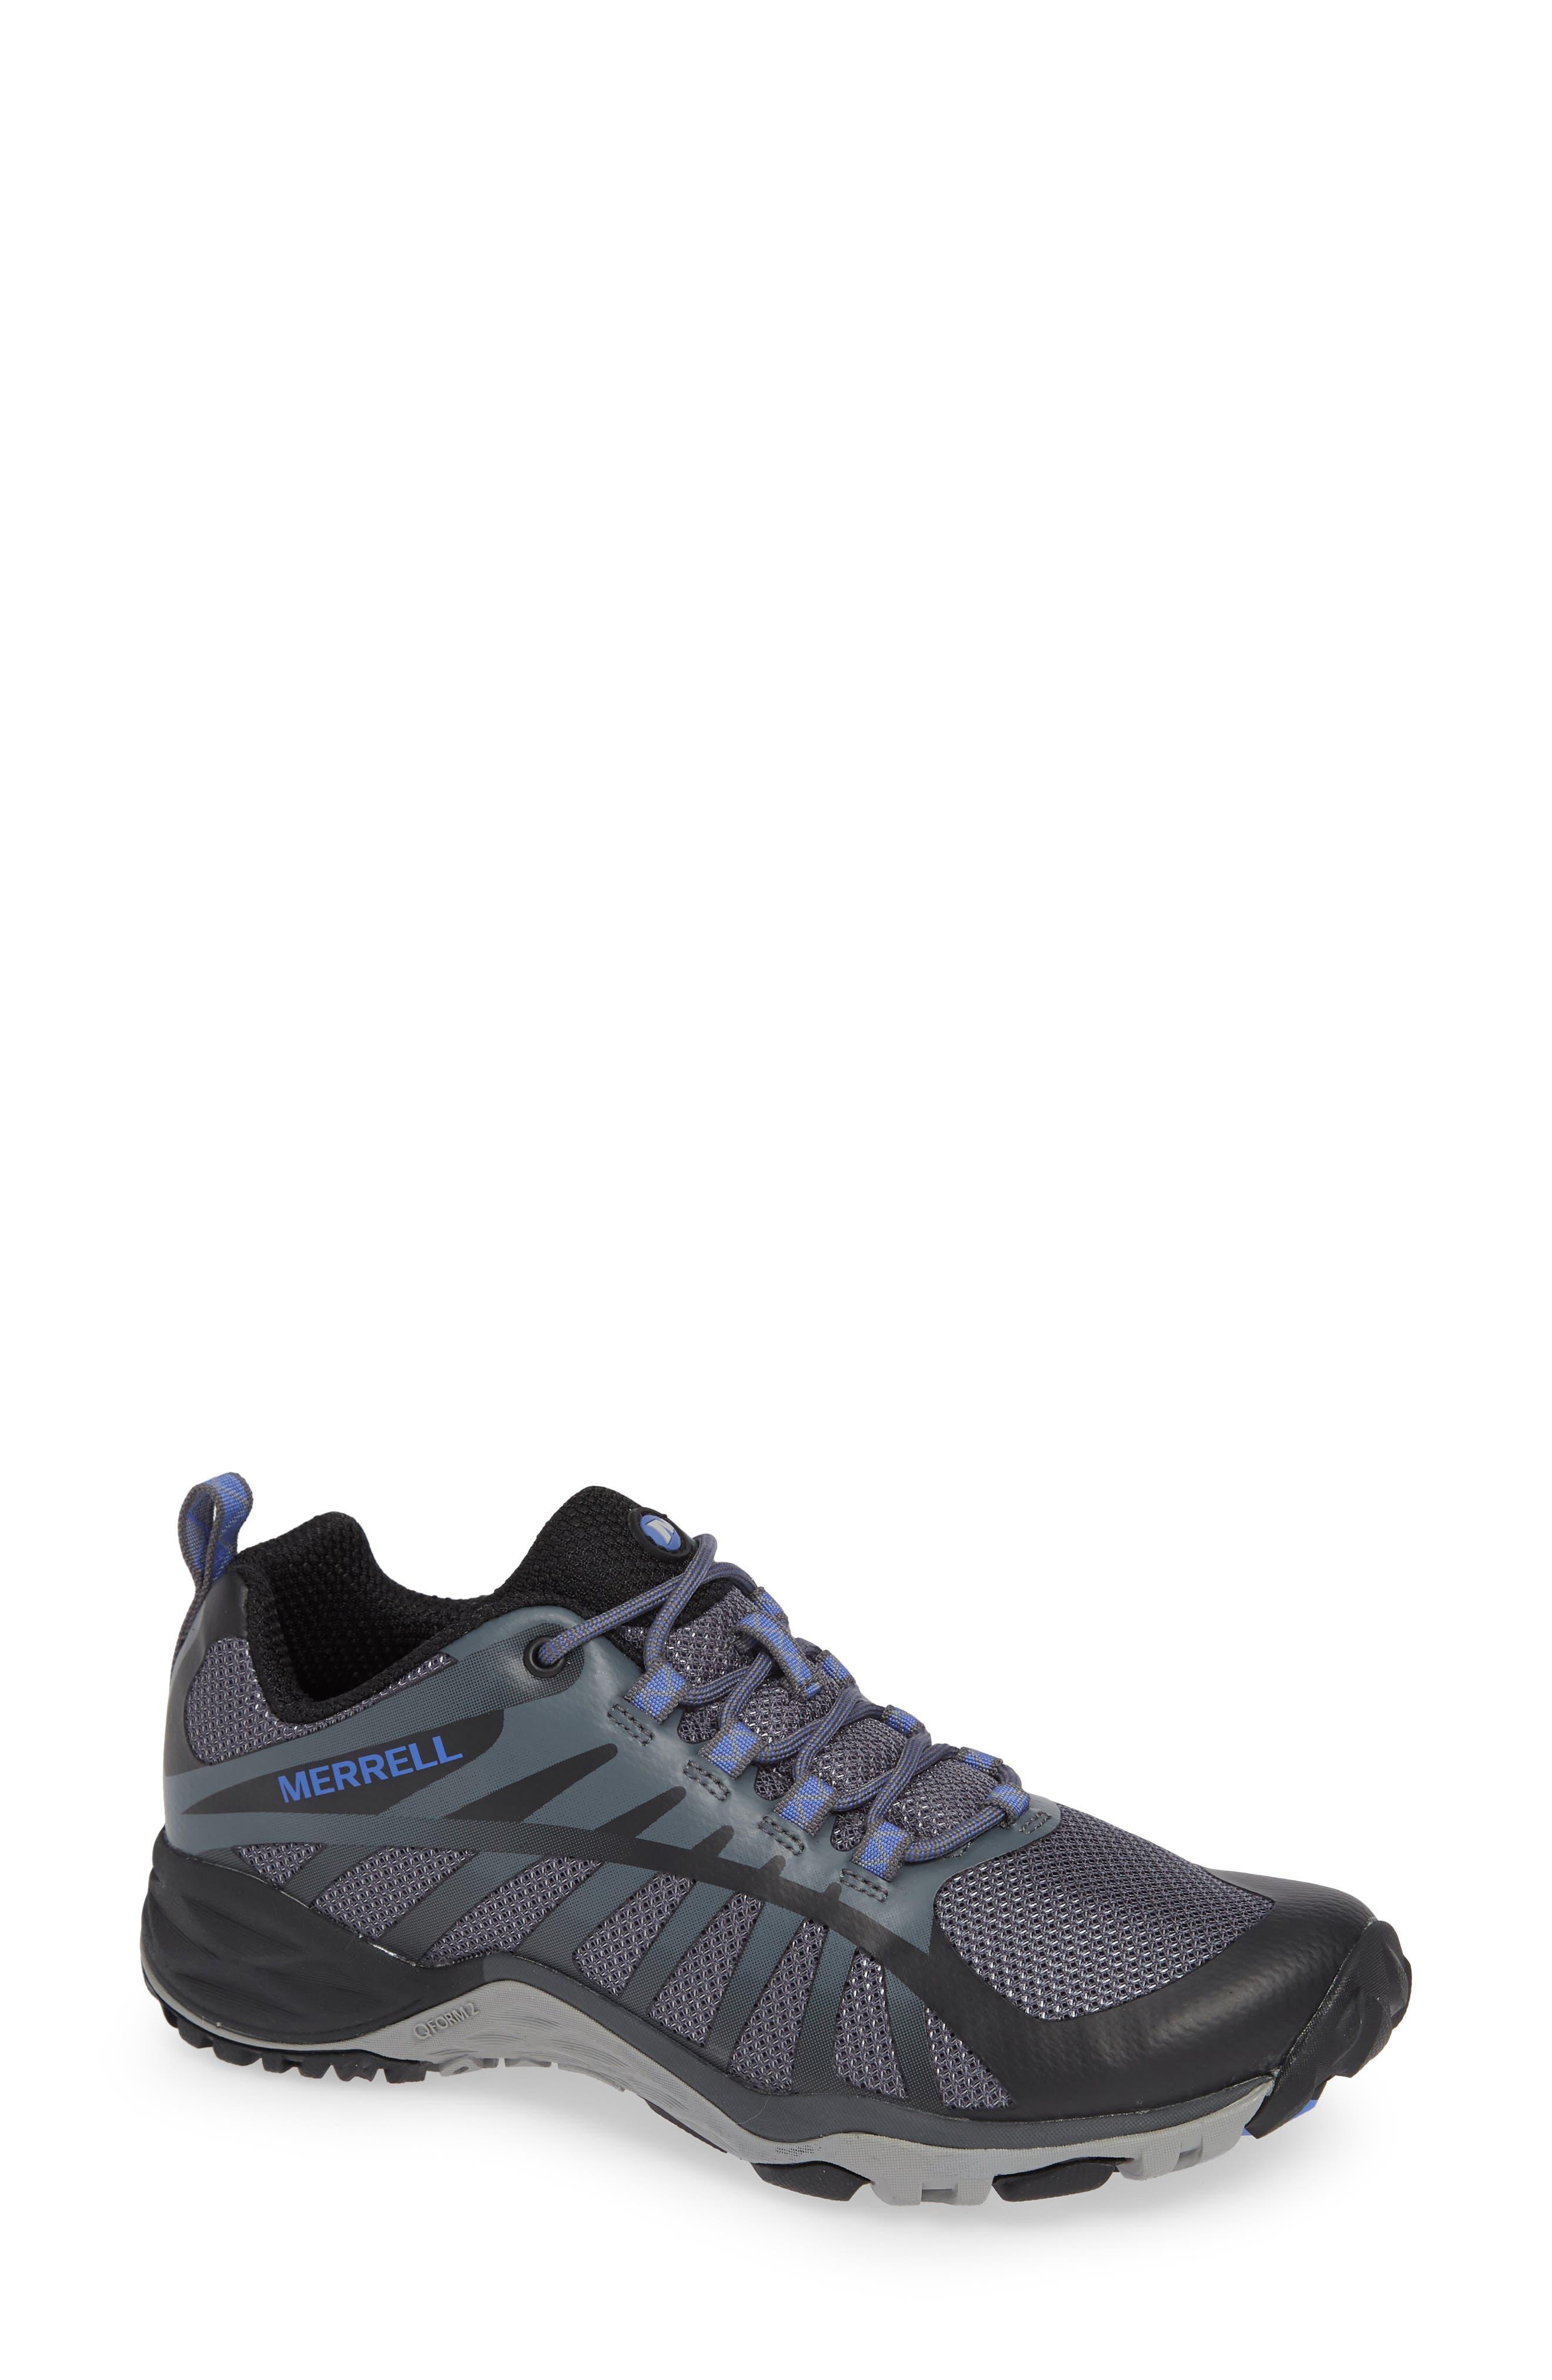 MERRELL, Siren Edge Q2 Hiking Shoe, Main thumbnail 1, color, BLACK FABRIC